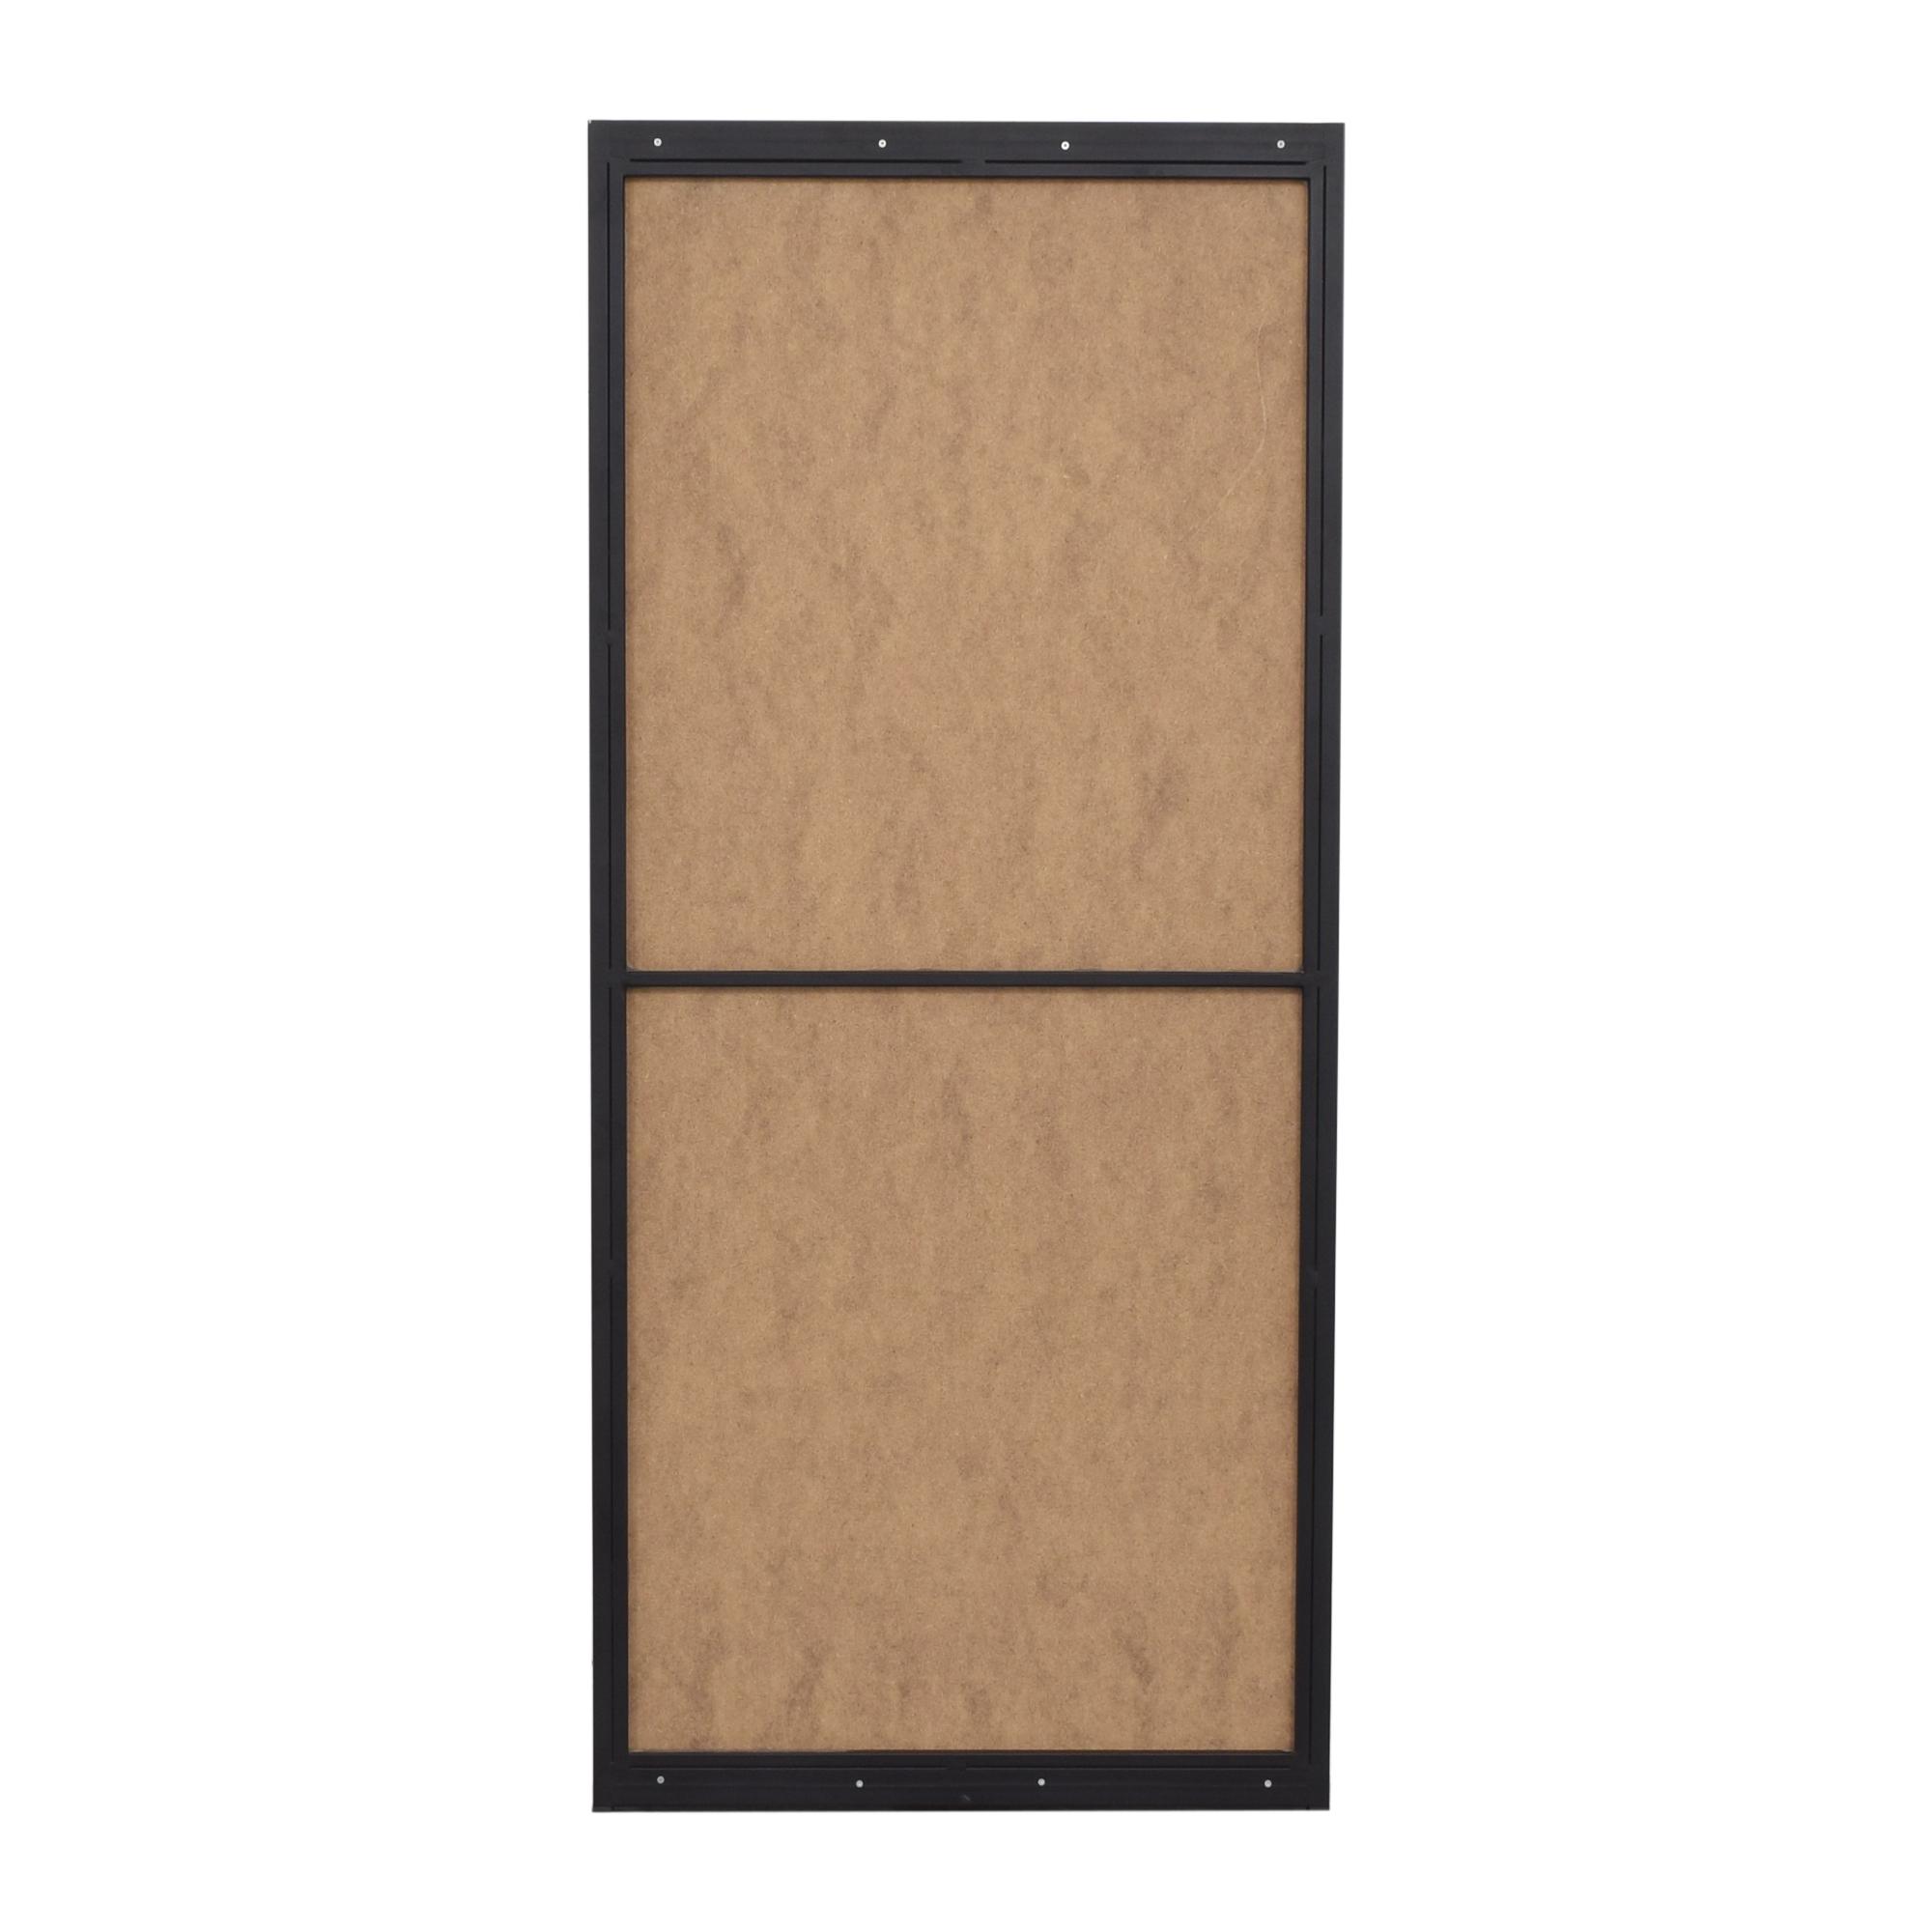 Wood Accented Floor Mirror discount